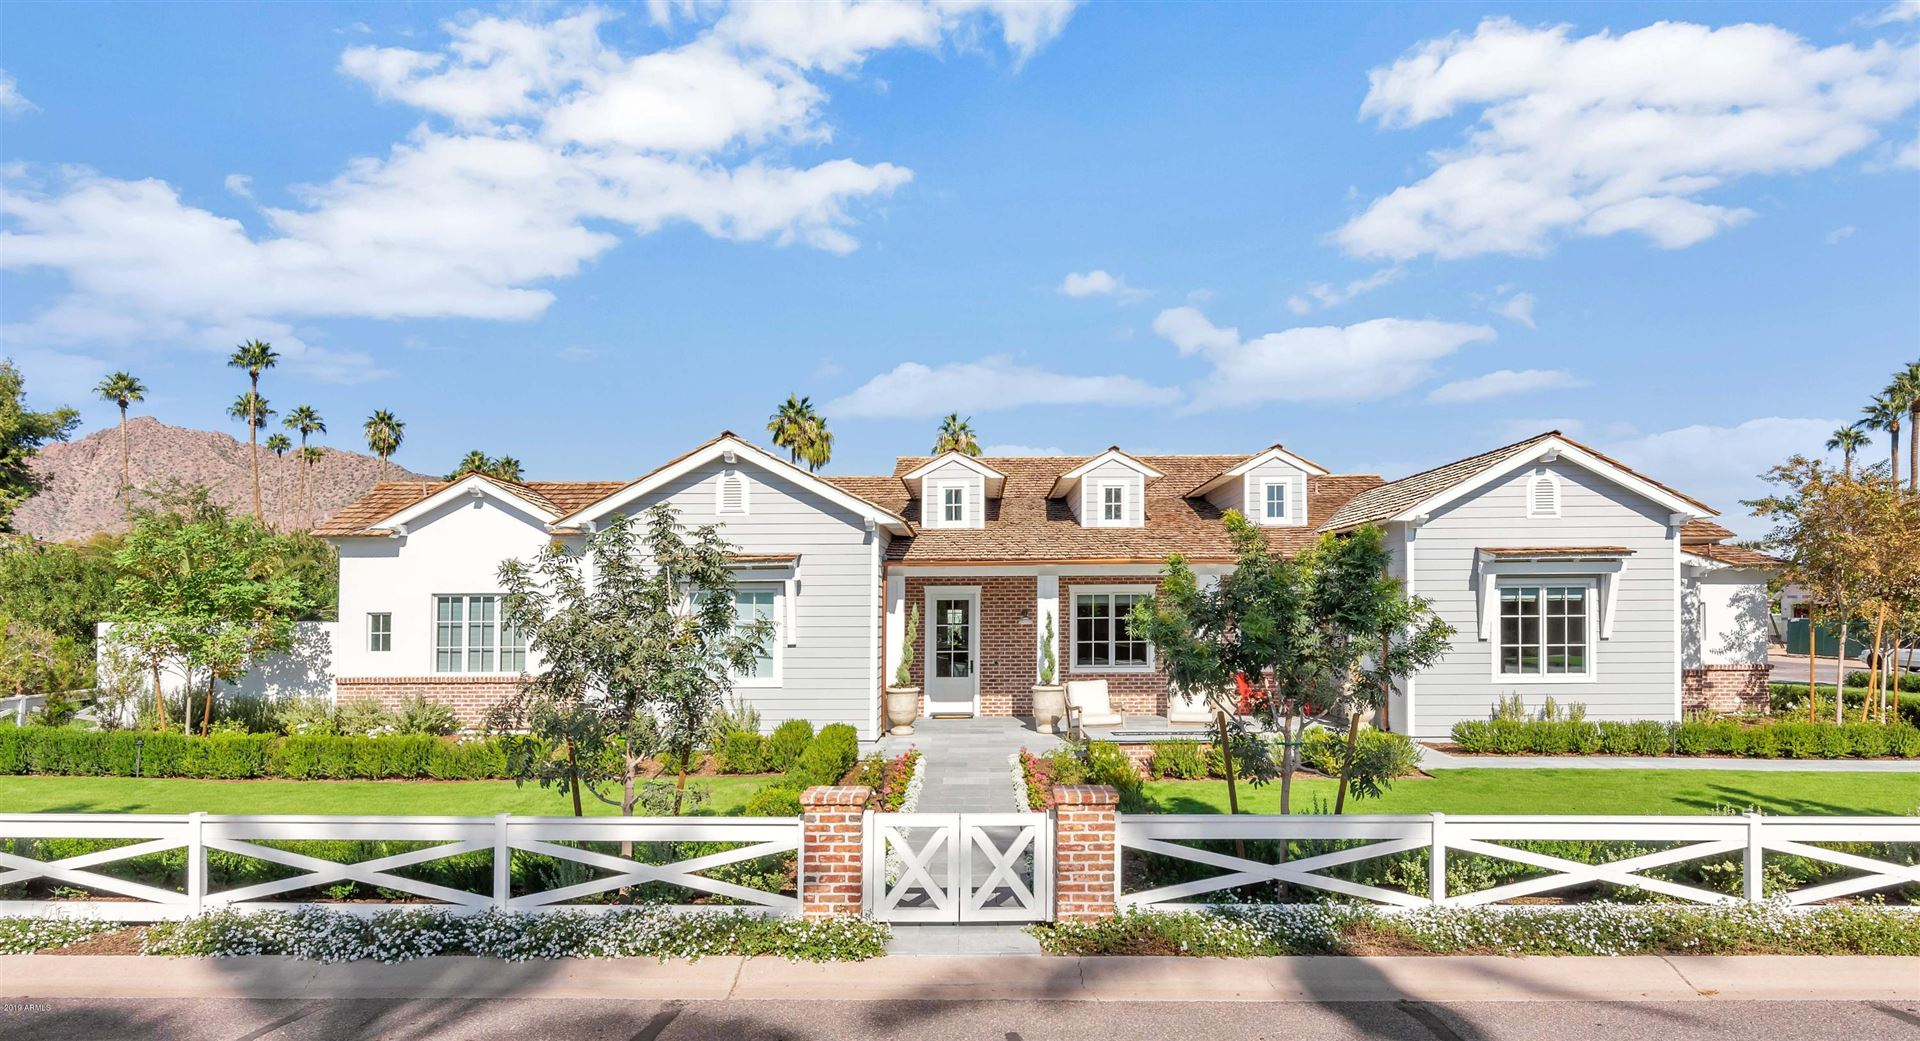 4102 N 64TH Place, Scottsdale, AZ 85251 - MLS#: 6190617